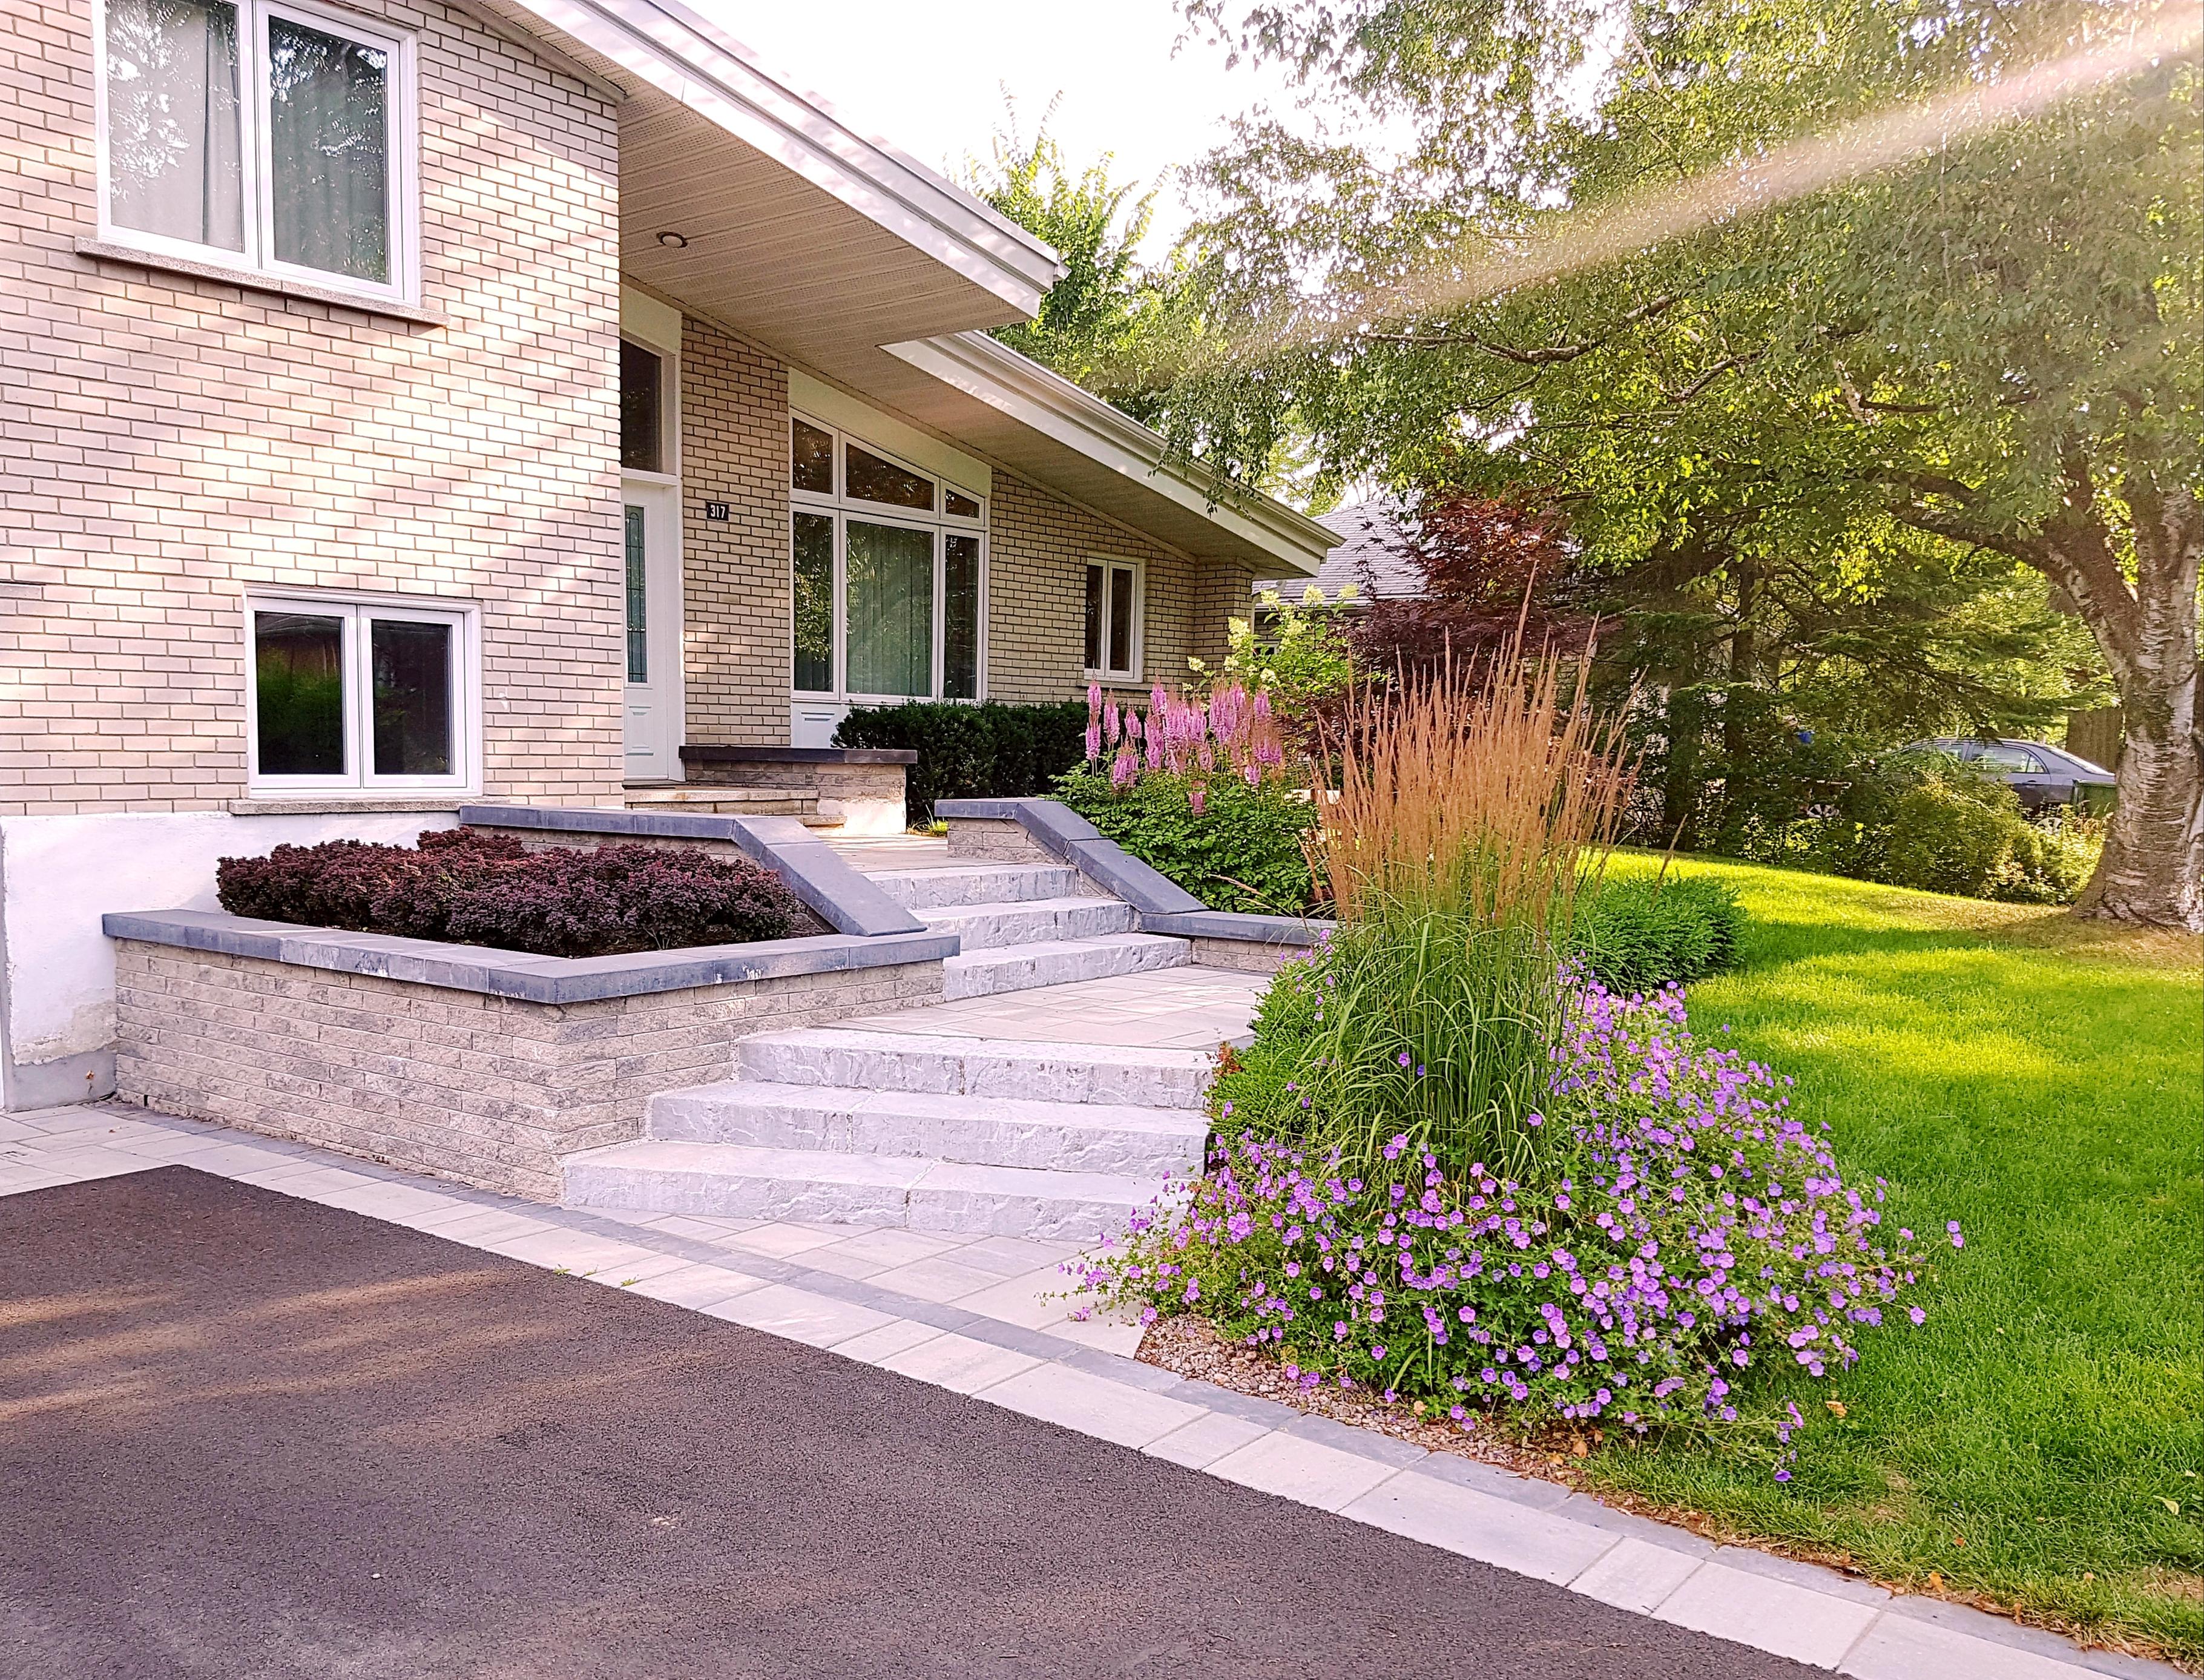 Une nouvelle configuration d'entrée, appuyée par les coloris végétaux, rend l'accueil de cette résidence beaucoup plus cordial et chaleureux